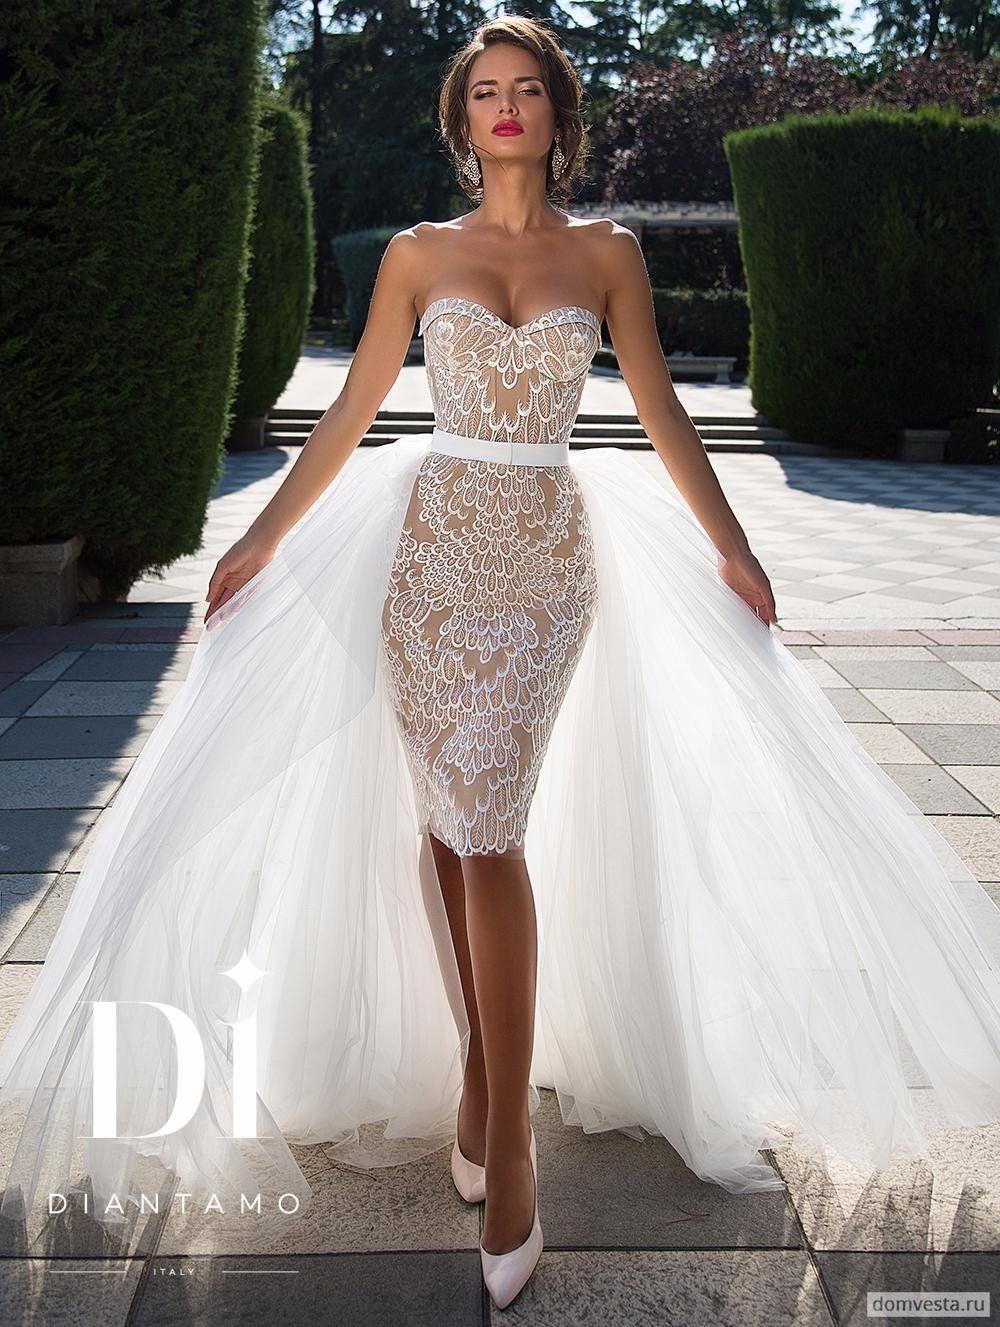 Свадебное платье (#103), цена 26400 руб. – купить в Москве в ...